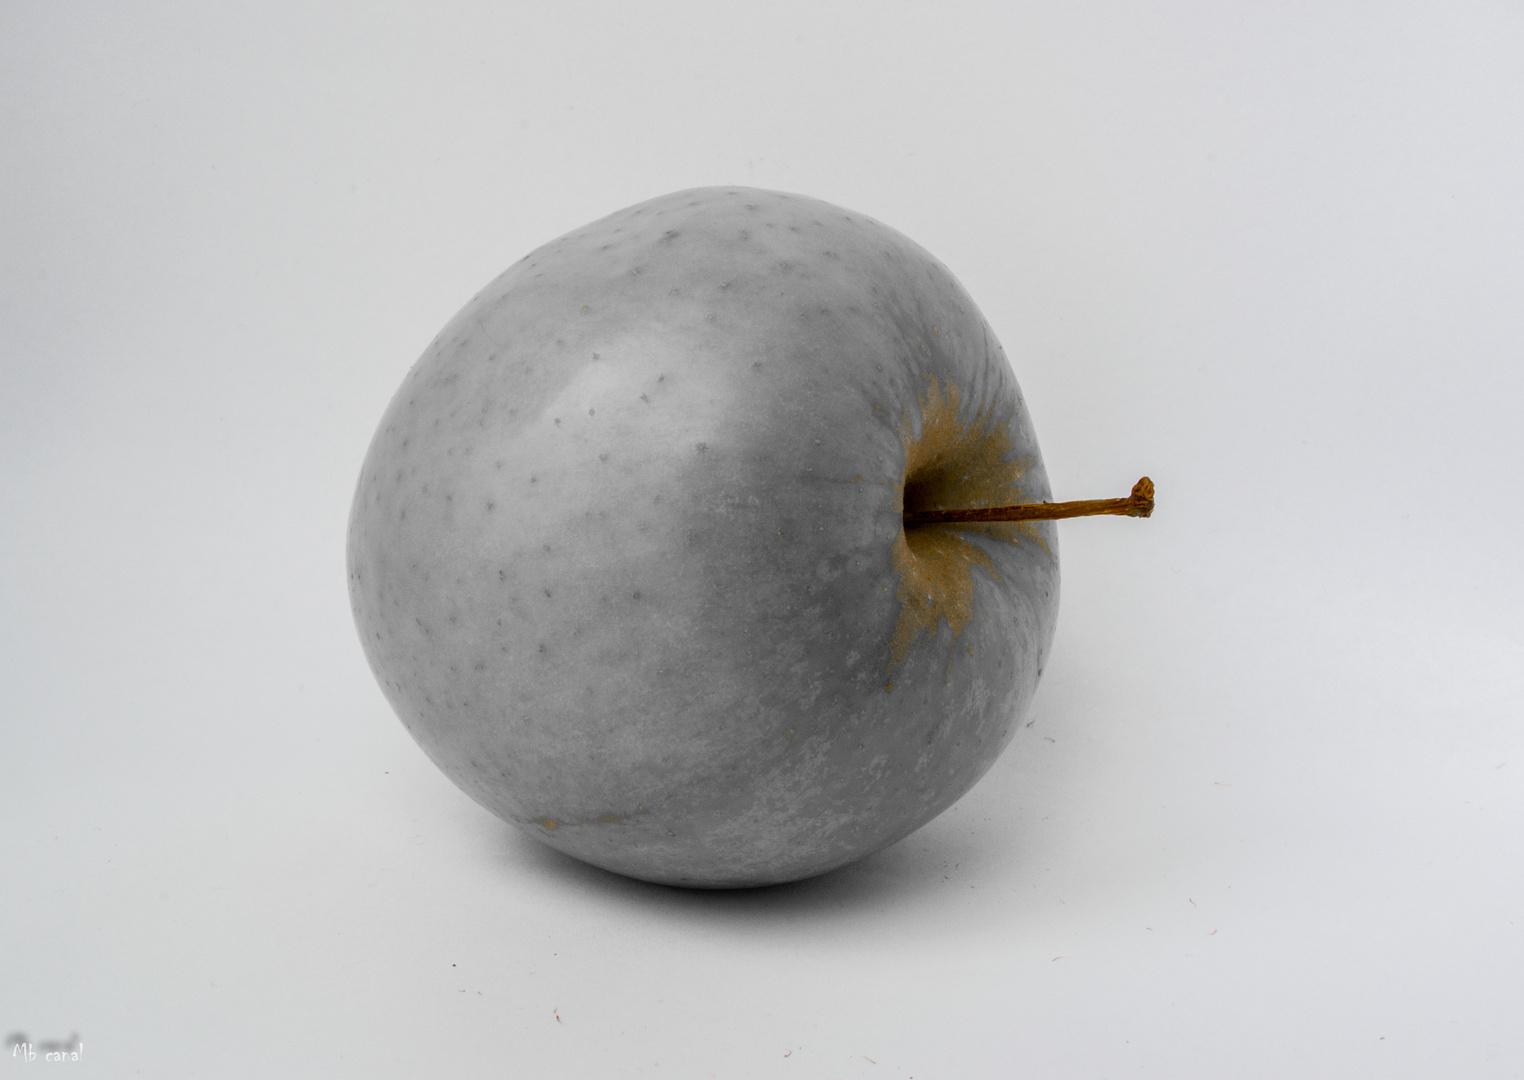 Soy una manzana.